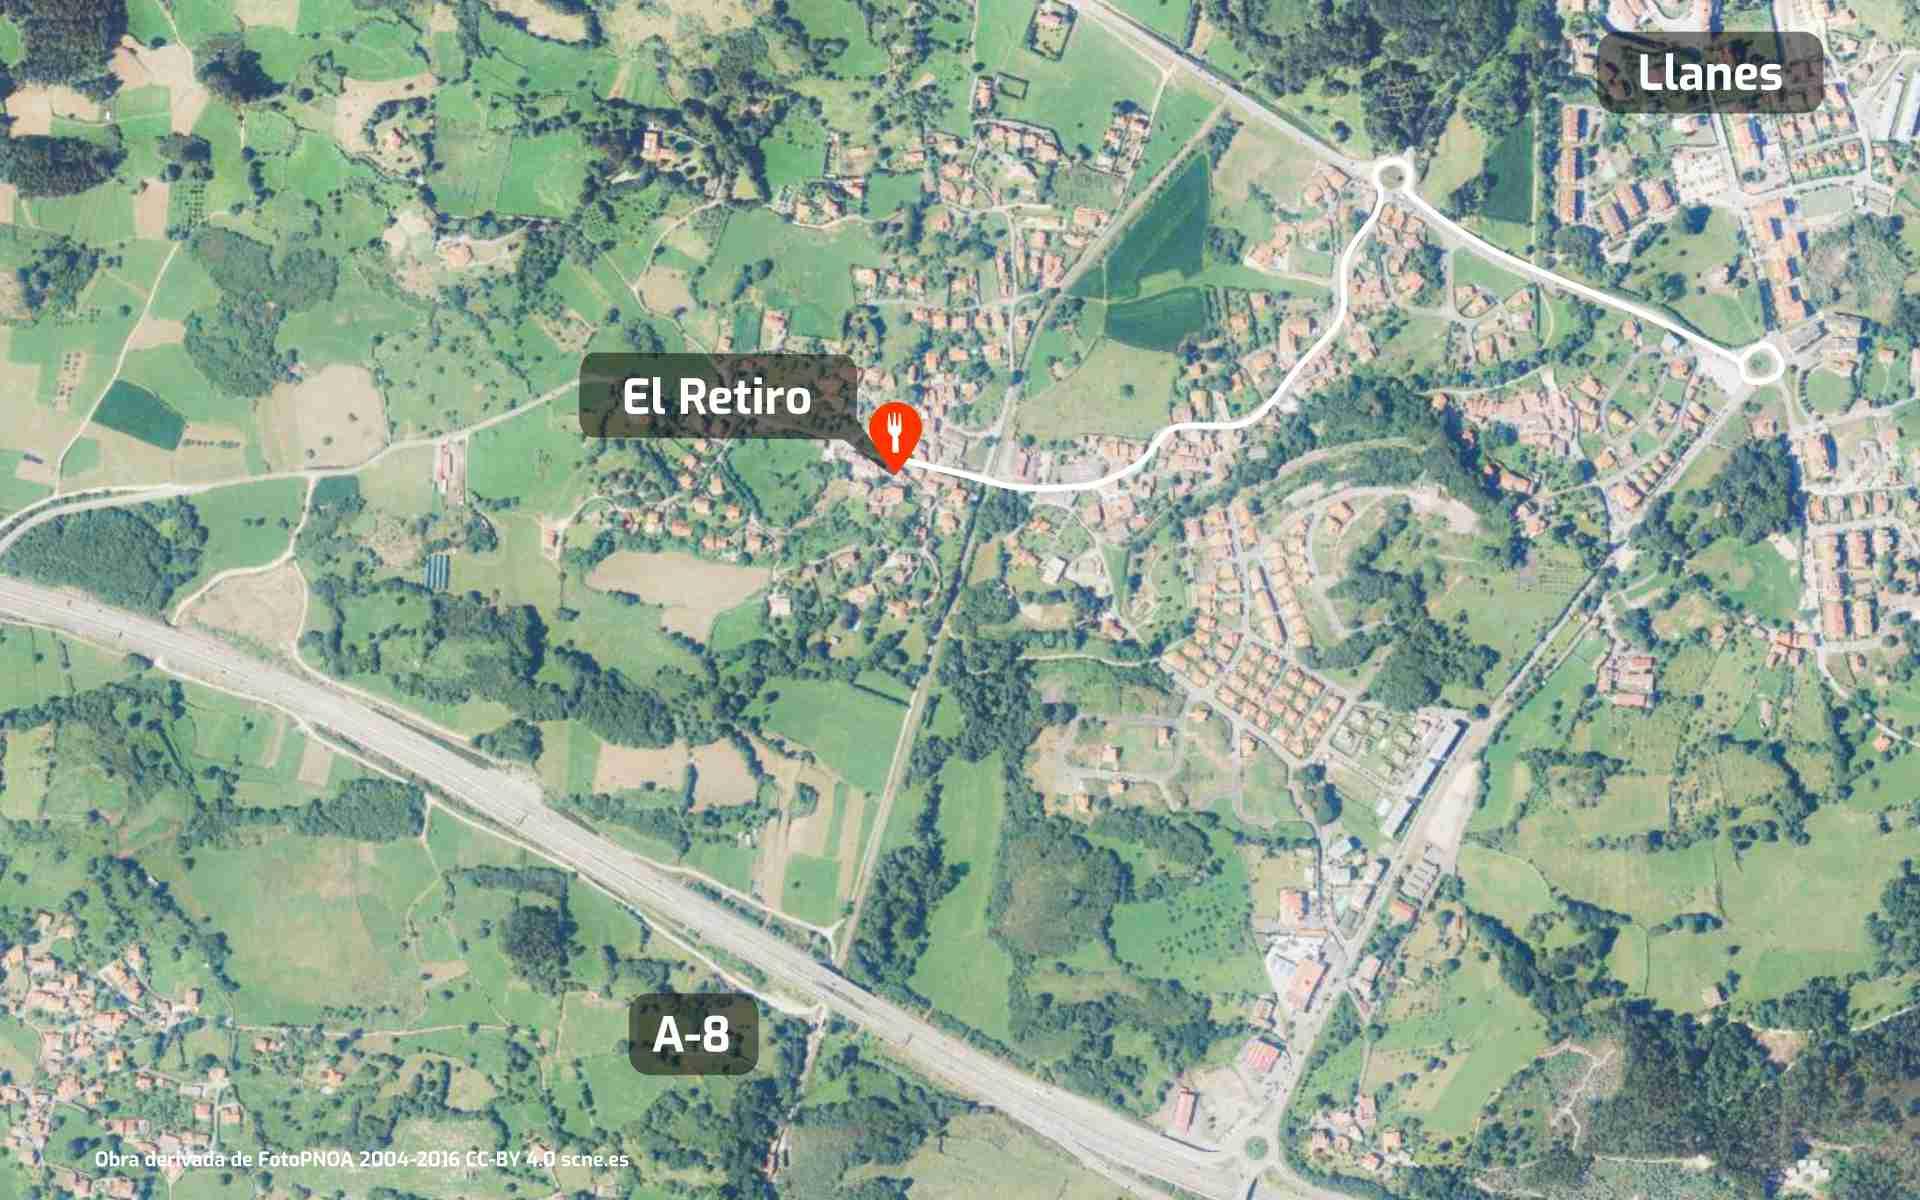 Mapa de cómo llegar al restaurante El Retiro de Pancar, en Llanes, Asturias